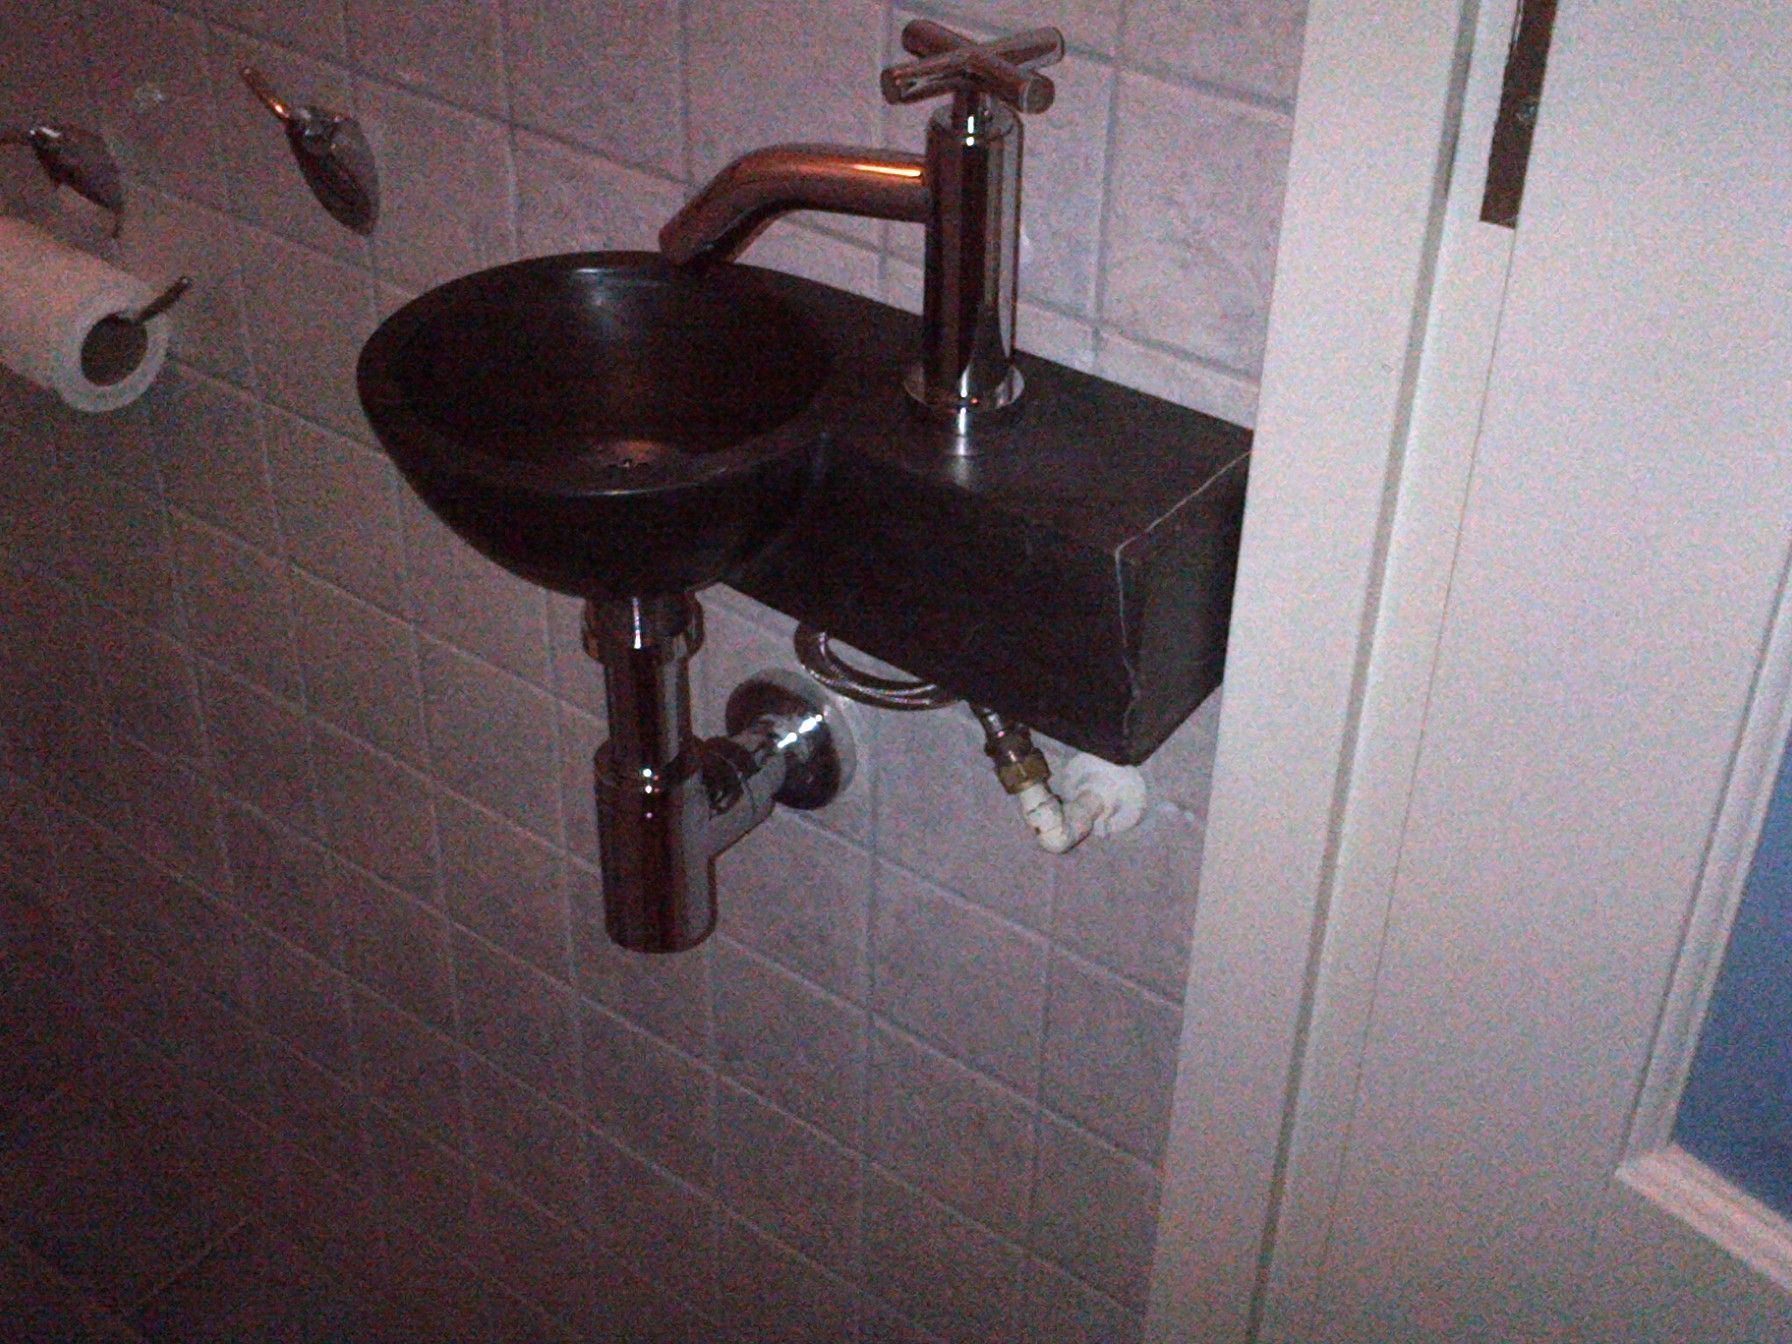 Nieuw wastafeltje in toilet geplaatst.